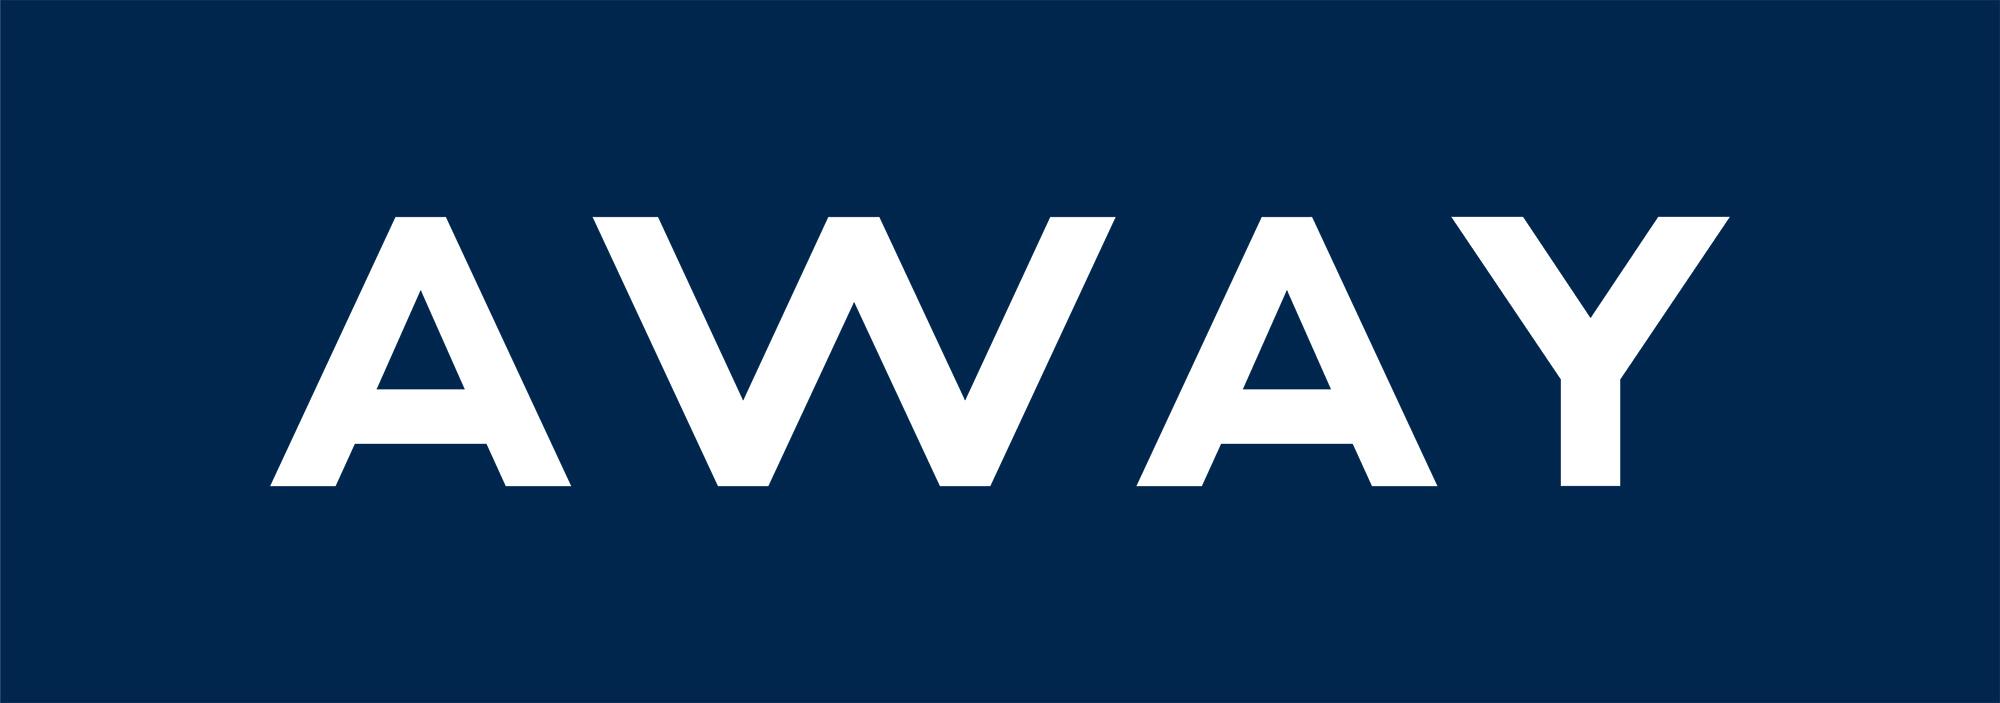 Away_logo.jpg